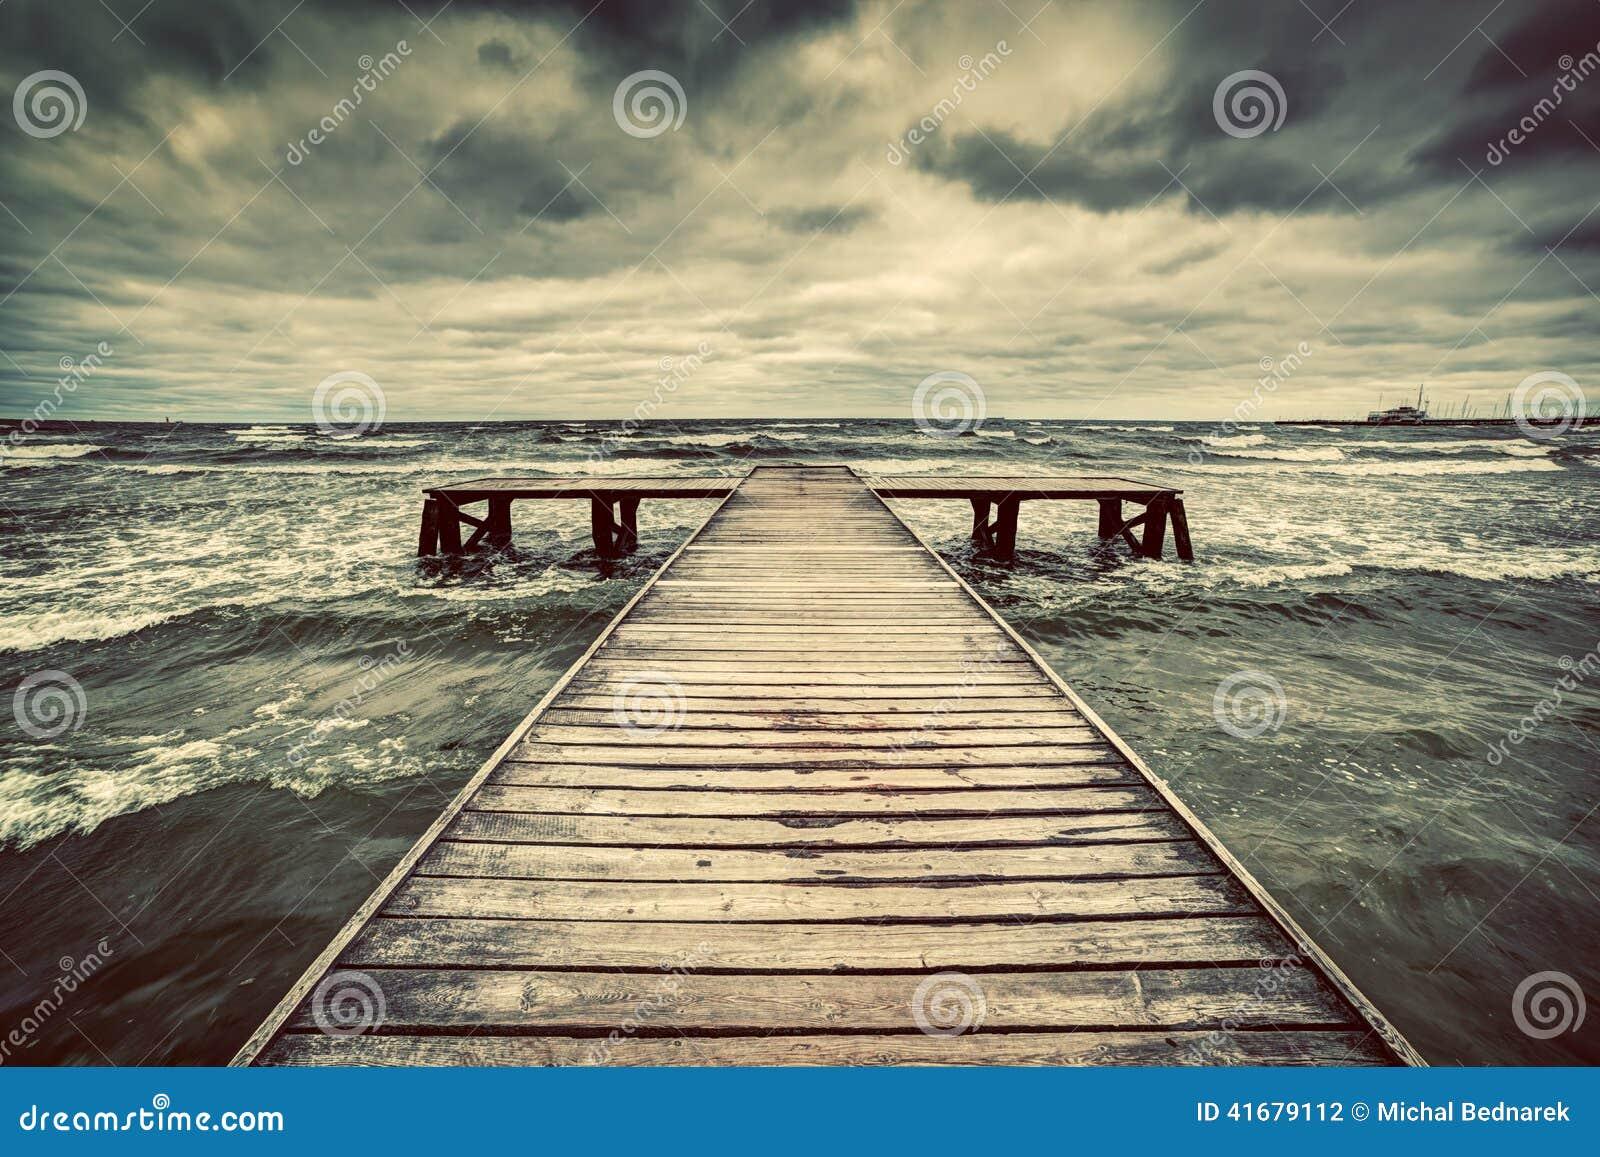 Vieille jetée en bois pendant la tempête sur la mer Ciel dramatique avec les nuages foncés et lourds